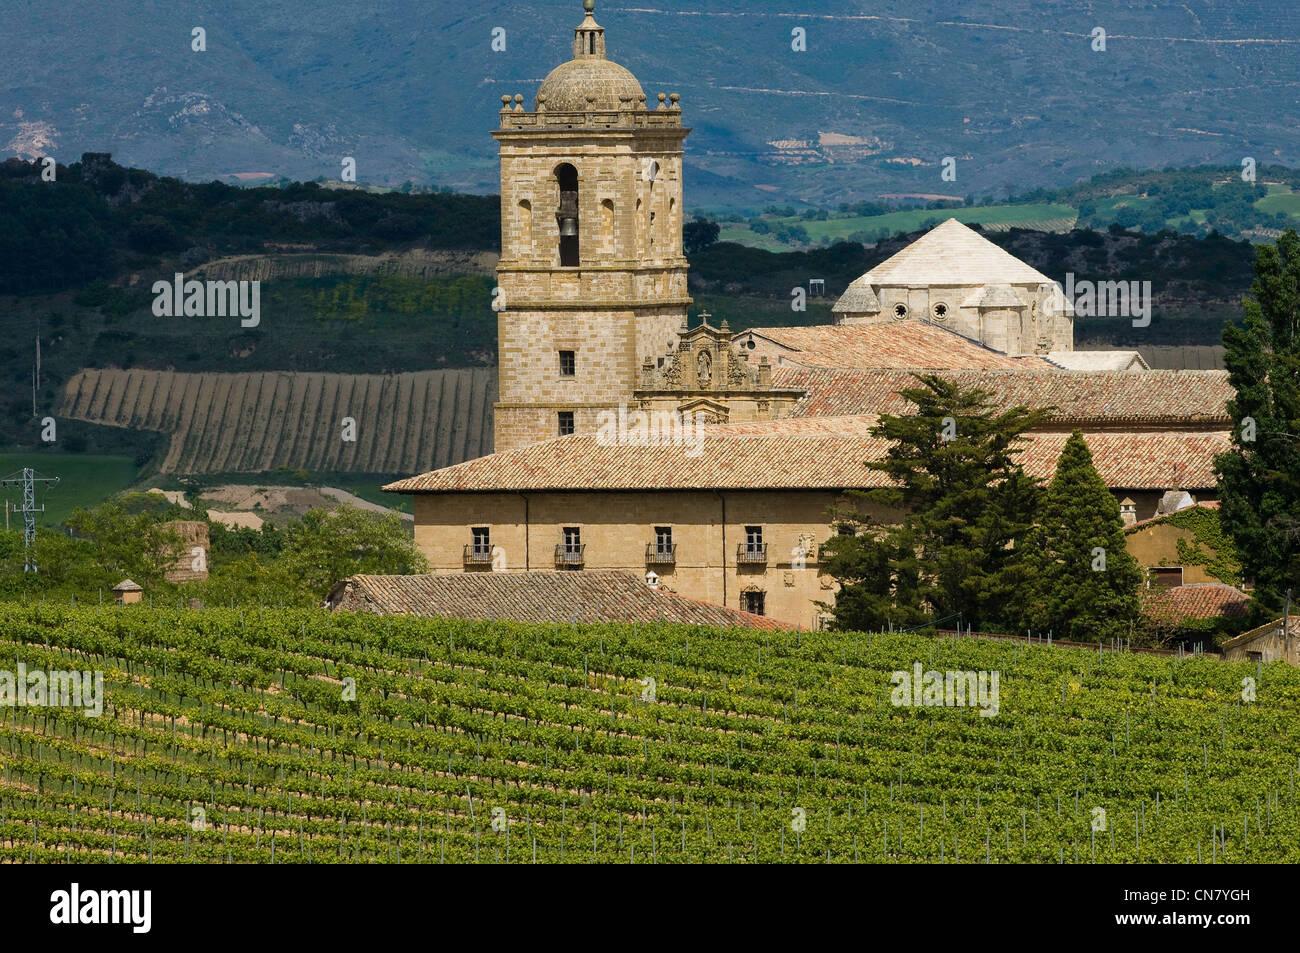 L'Espagne, Navarre, Irache, le monastère du 11ème siècle, au milieu du vignoble Irache Photo Stock